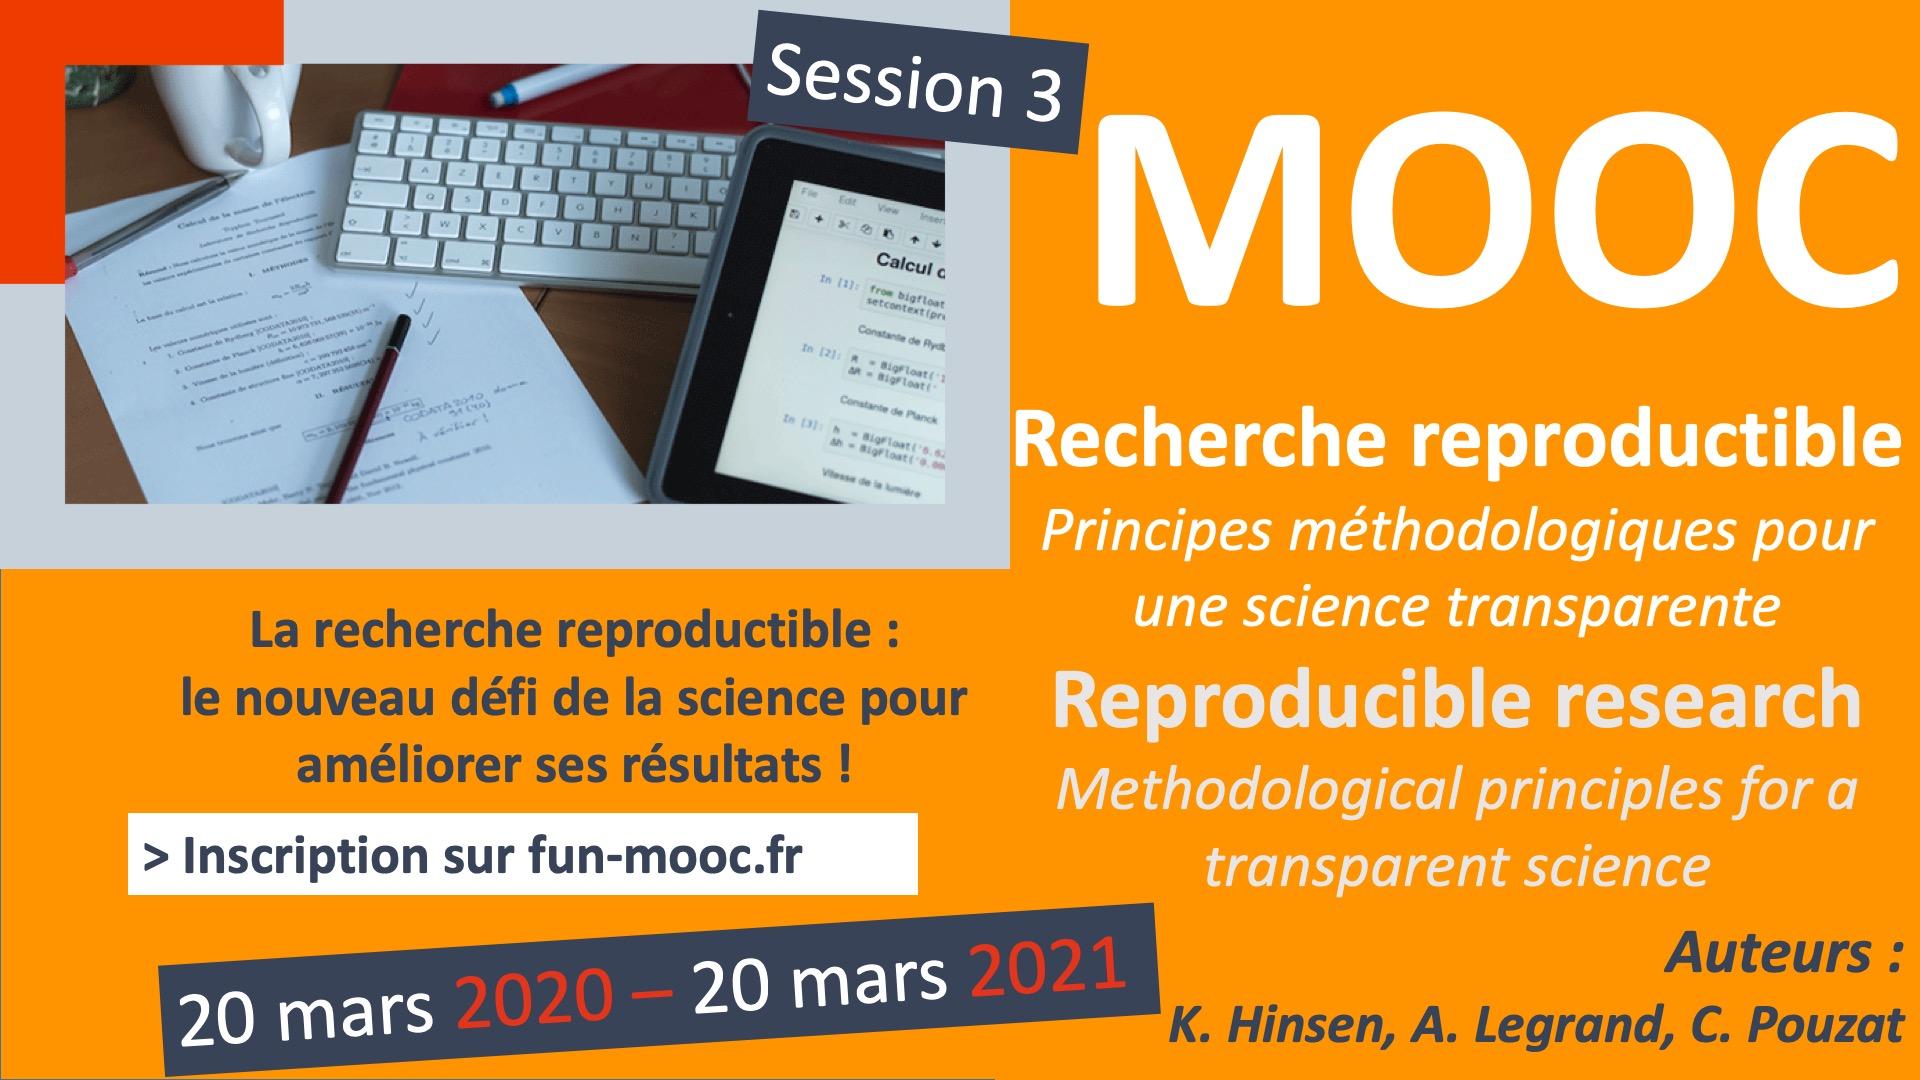 Le Mooc « Recherche reproductible » présente des bonnes pratiques pour la recherche  dans l'ère numérique. À l'issue de ce MOOC, vous aurez acquis les techniques vous permettant de préparer des documents computationnels réplicables et de partager en toute